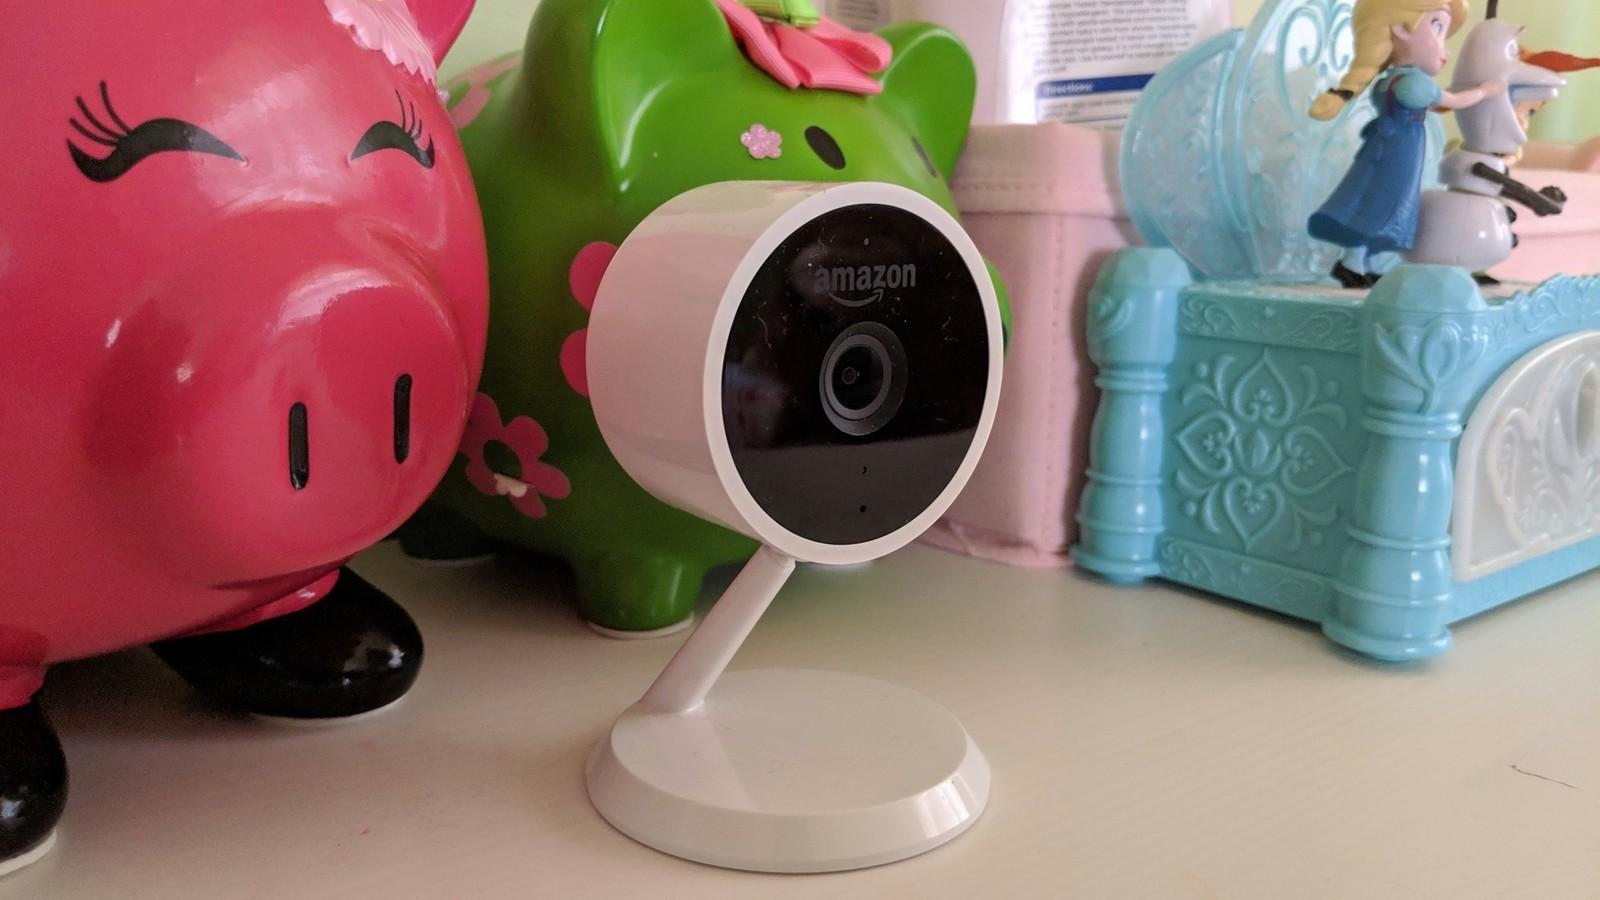 Хакери викрали приватні відео з камер спостереження та виклали їх на порносайтах